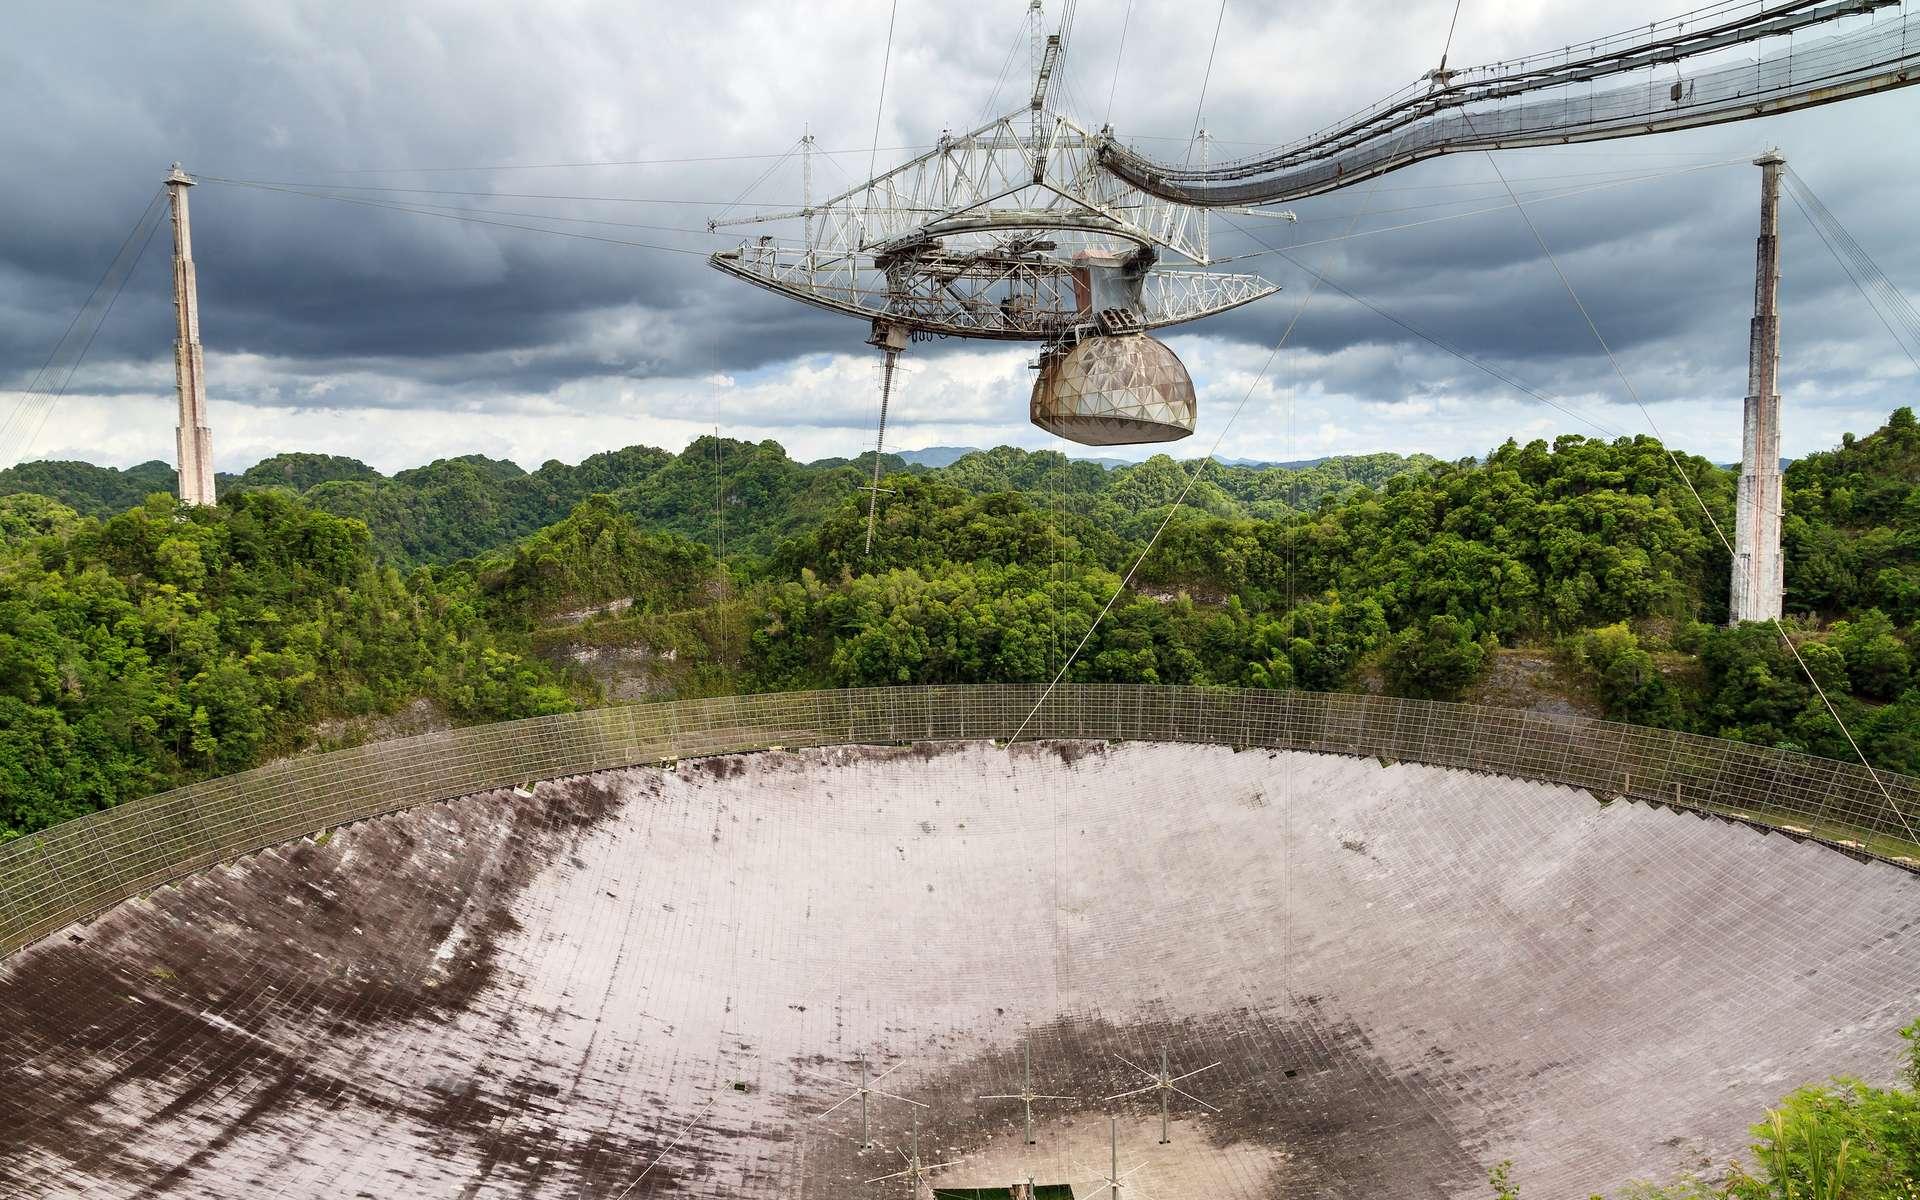 Cette image d'un ciel étoilé au-dessus de Porto-Rico a été prise en août dernier, quelques jours seulement avant la rupture d'un premier câble de support du radiotélescope d'Arecibo. © dennisvdwater, Adobe Stock